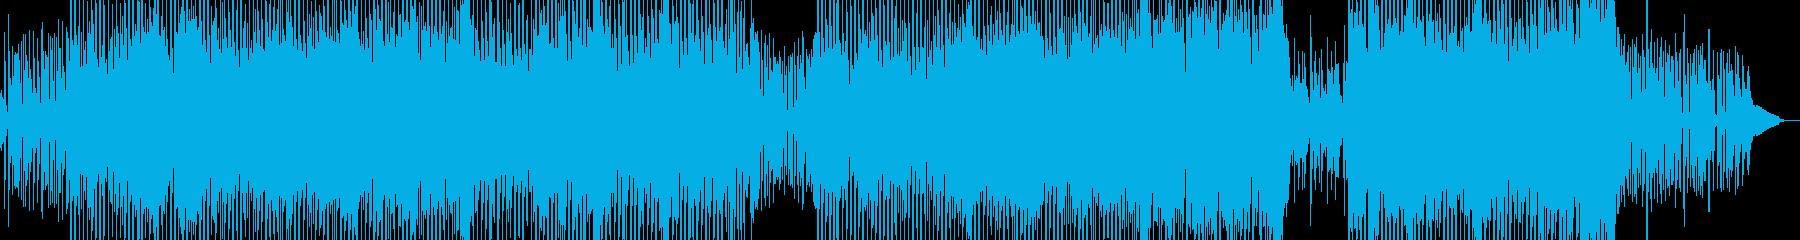 ლ(╹◡╹ლ)晴れ舞台に合うテクノ☆の再生済みの波形